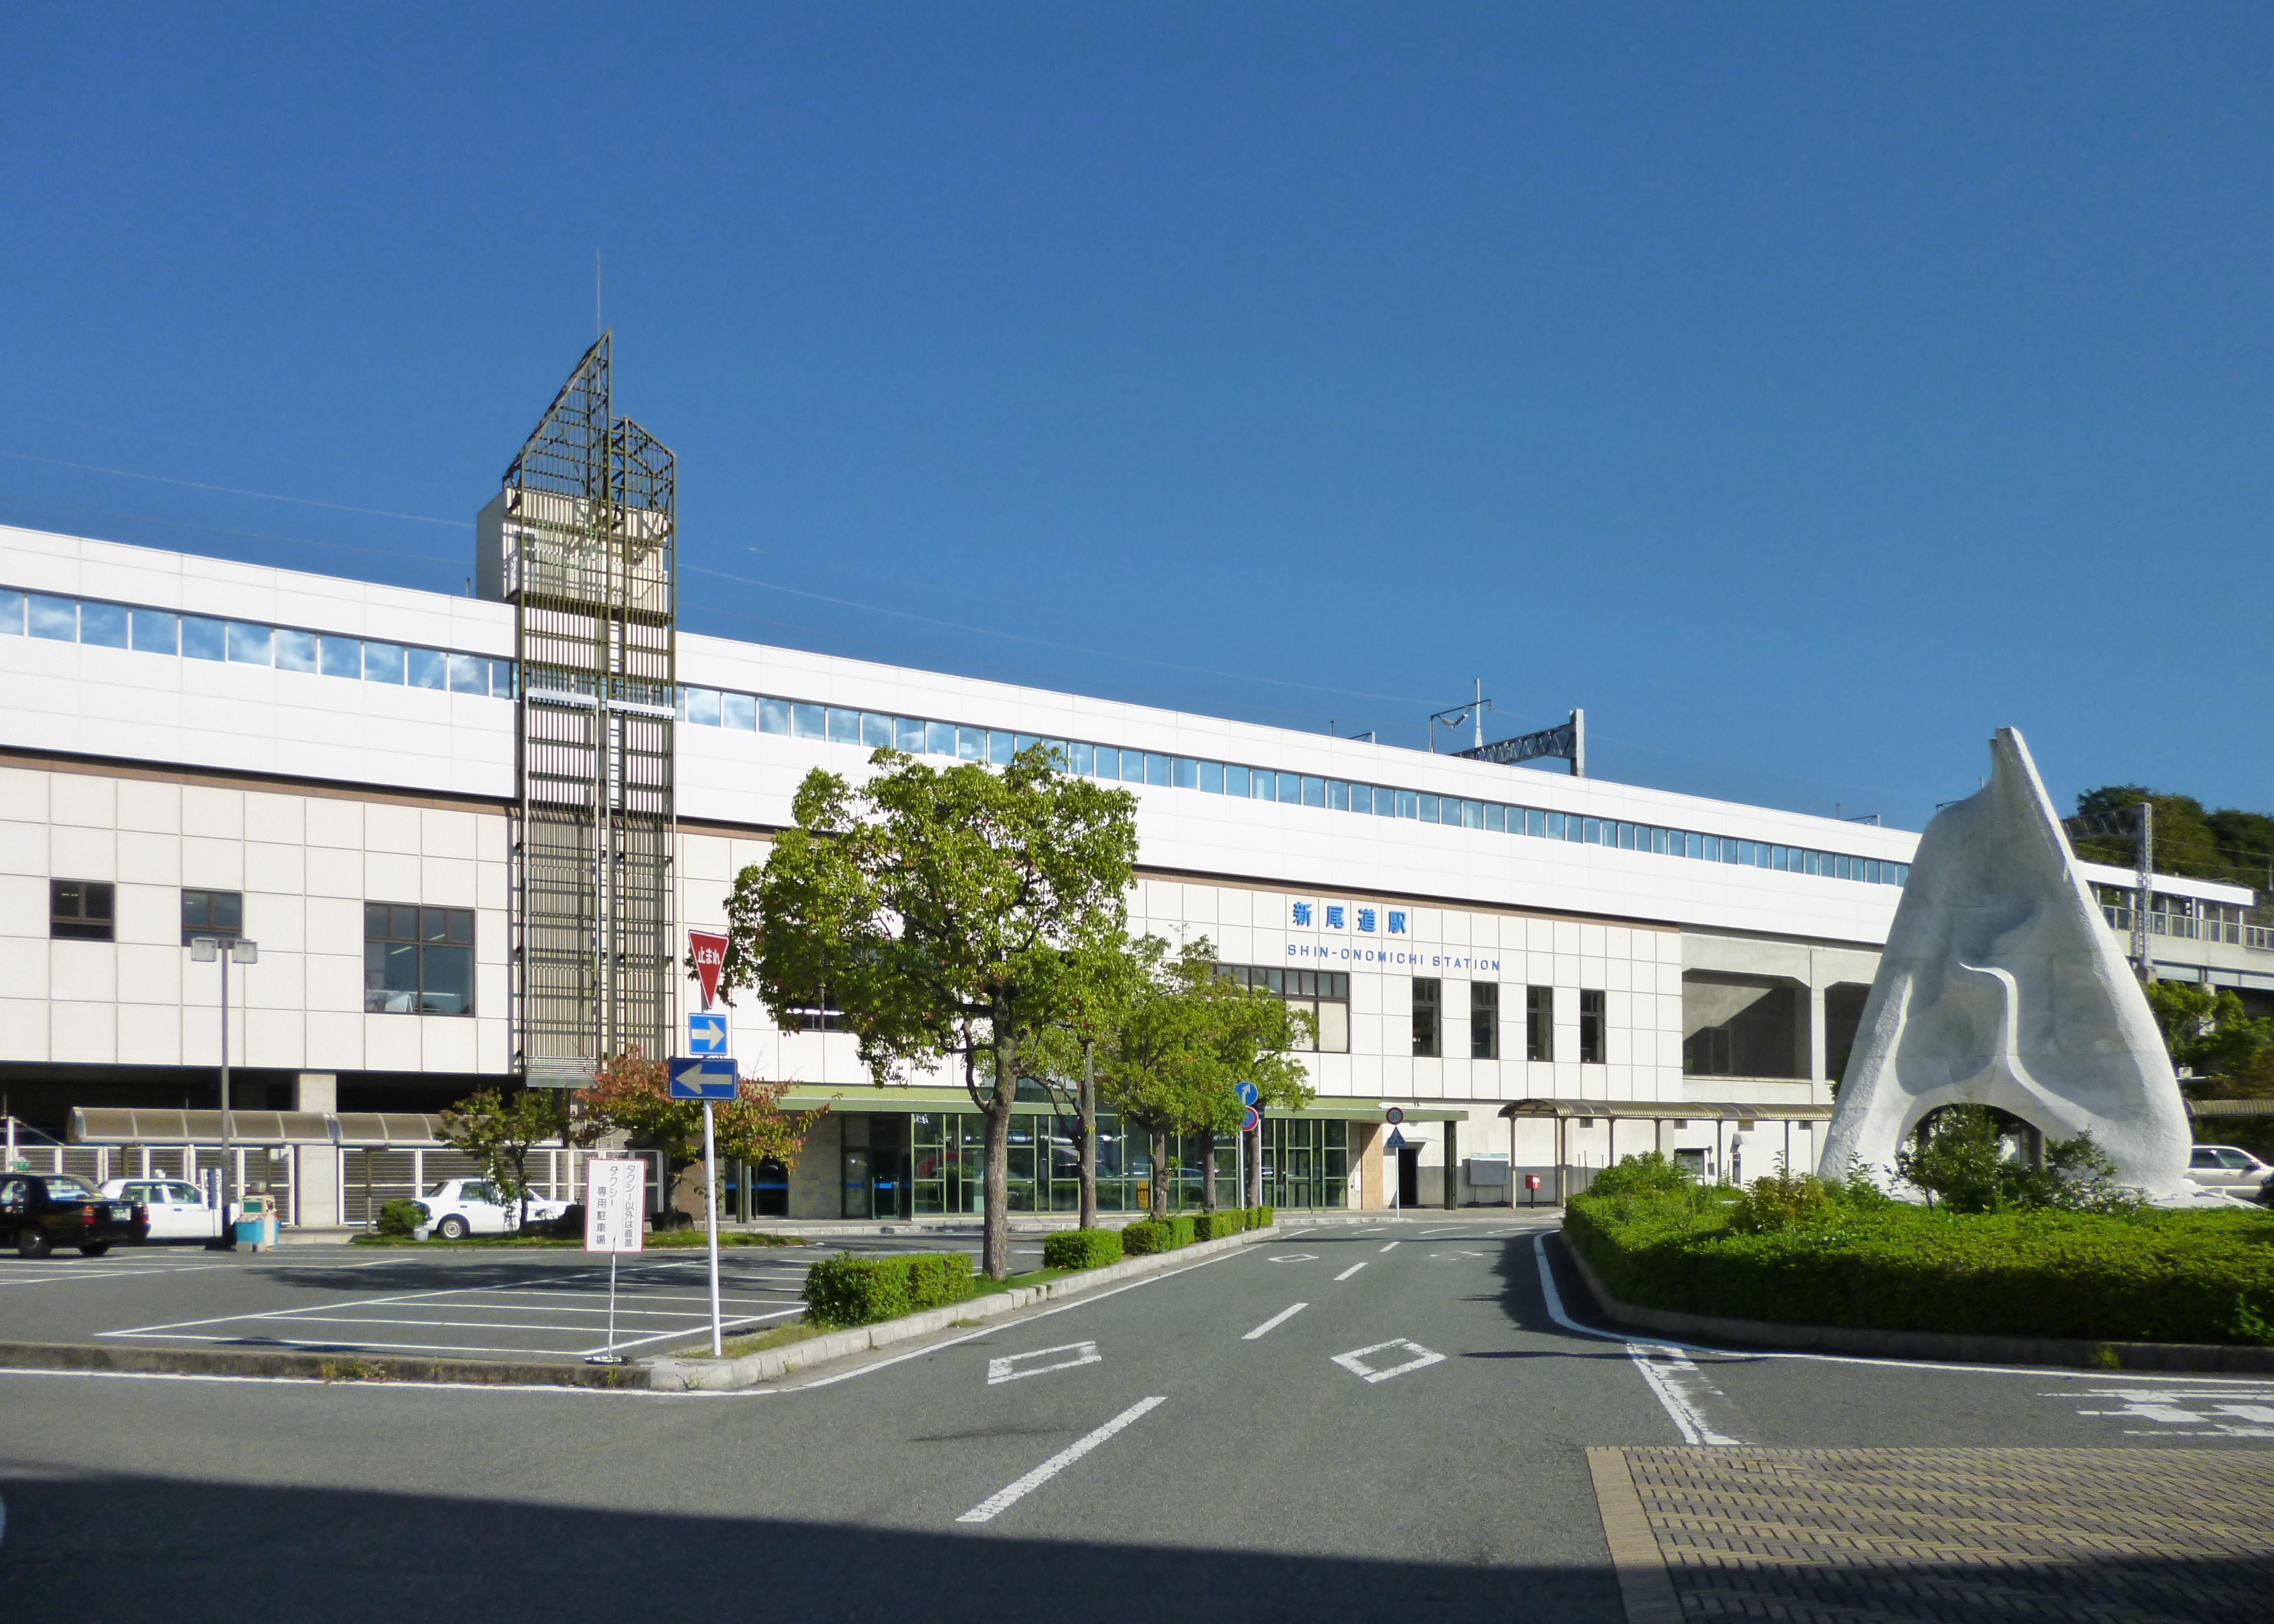 https://upload.wikimedia.org/wikipedia/commons/e/ed/Shin-Onomichi_Station.jpg